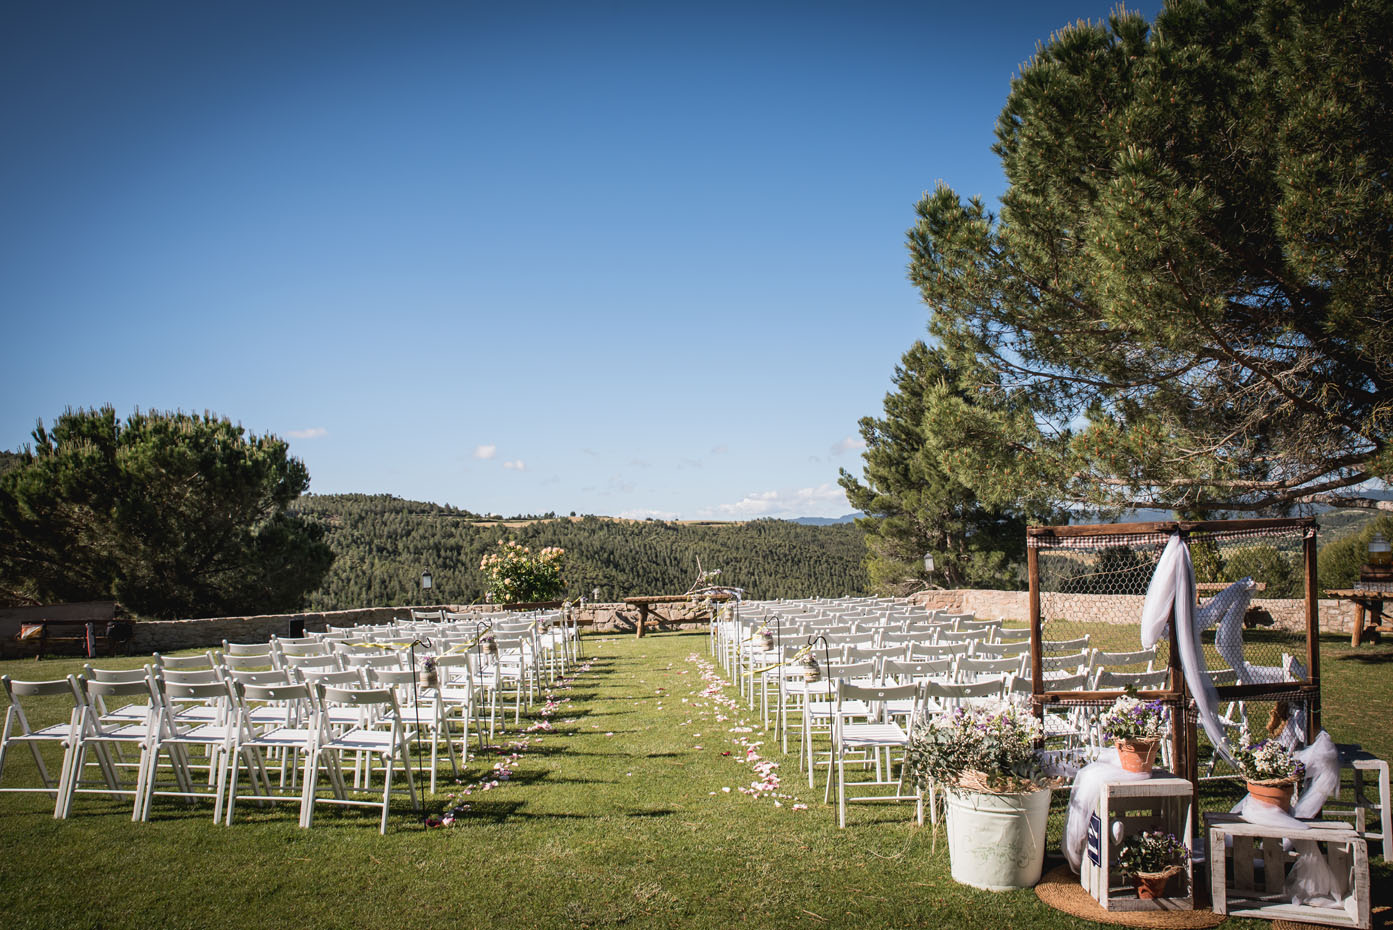 Casaments-ca-nalzina-espai-gastronomia20